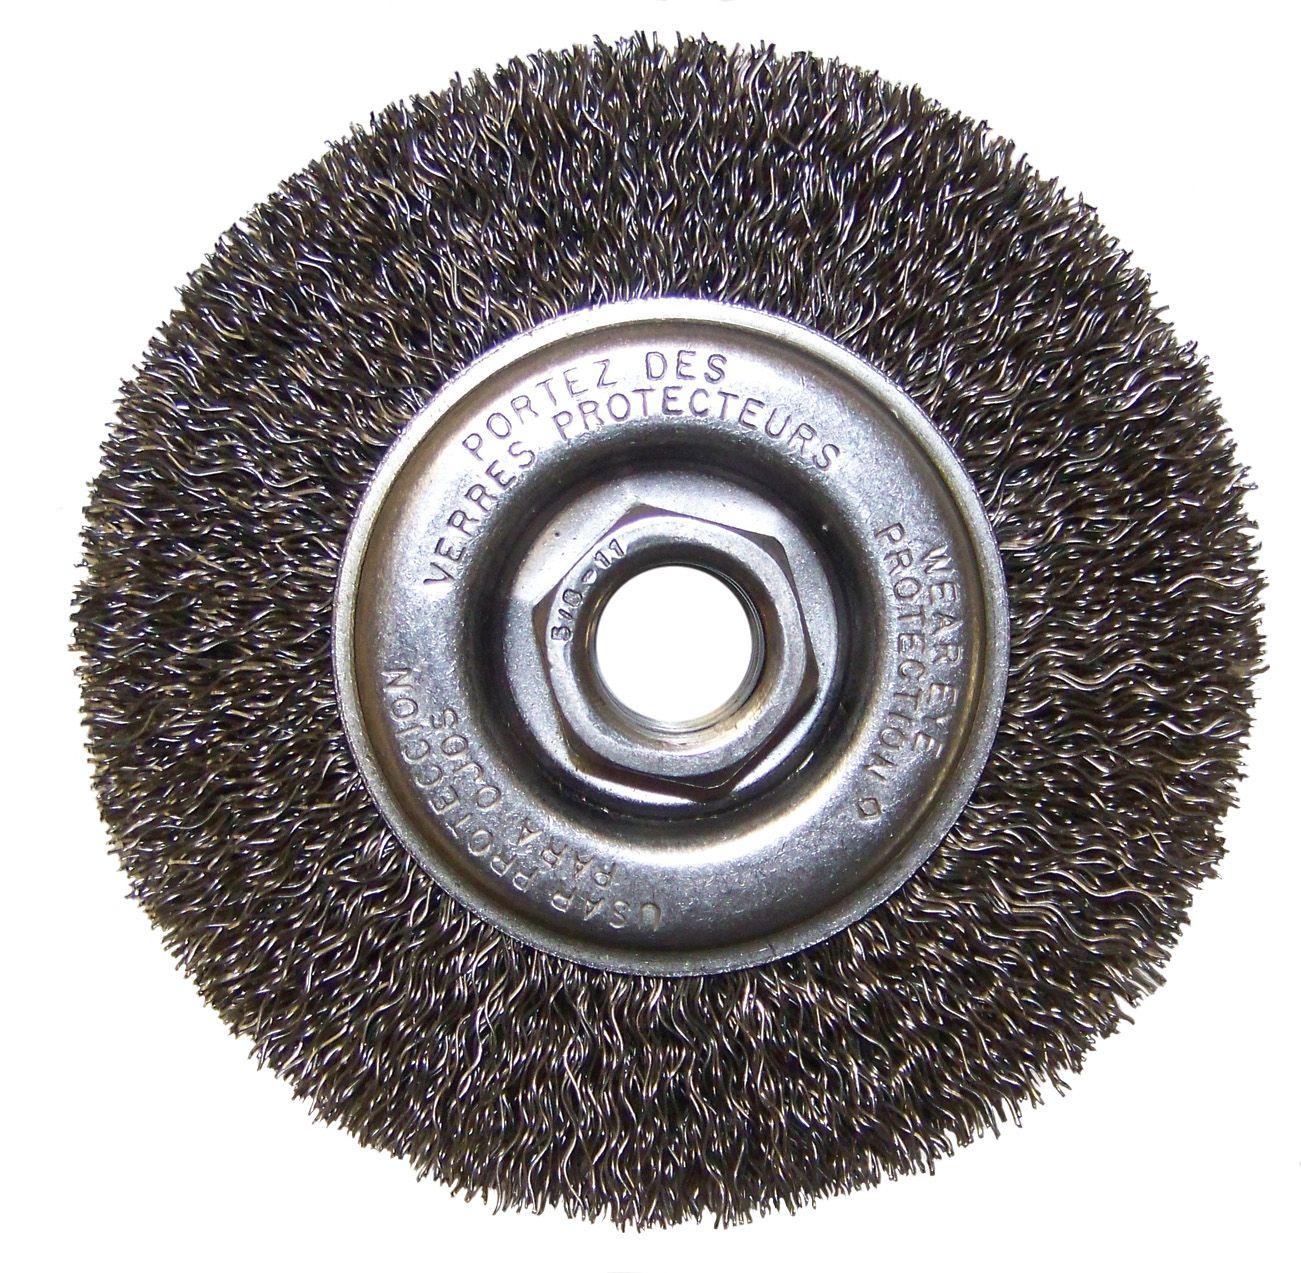 Flexovit C1850 4